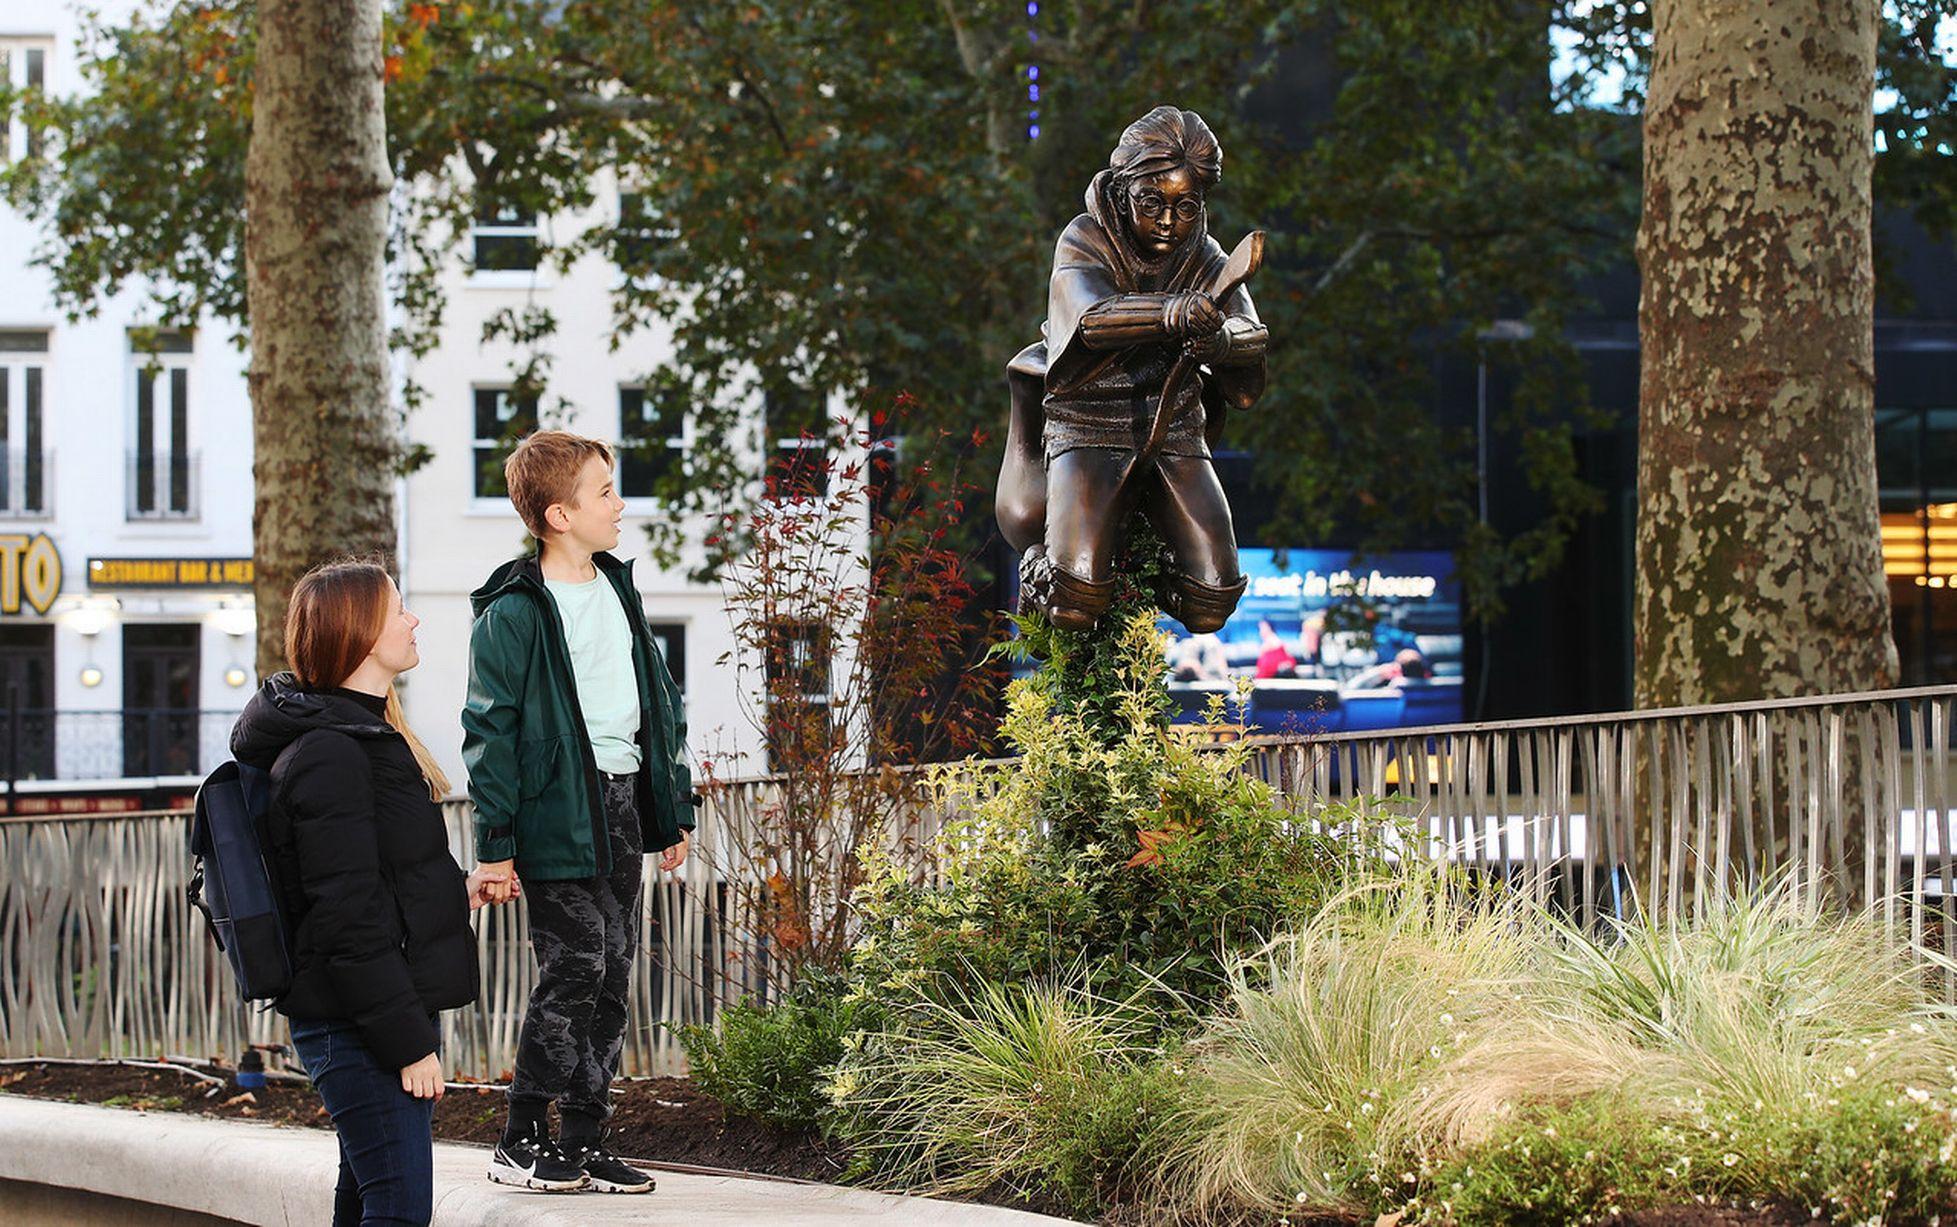 أطفال يشاهدون التمثال